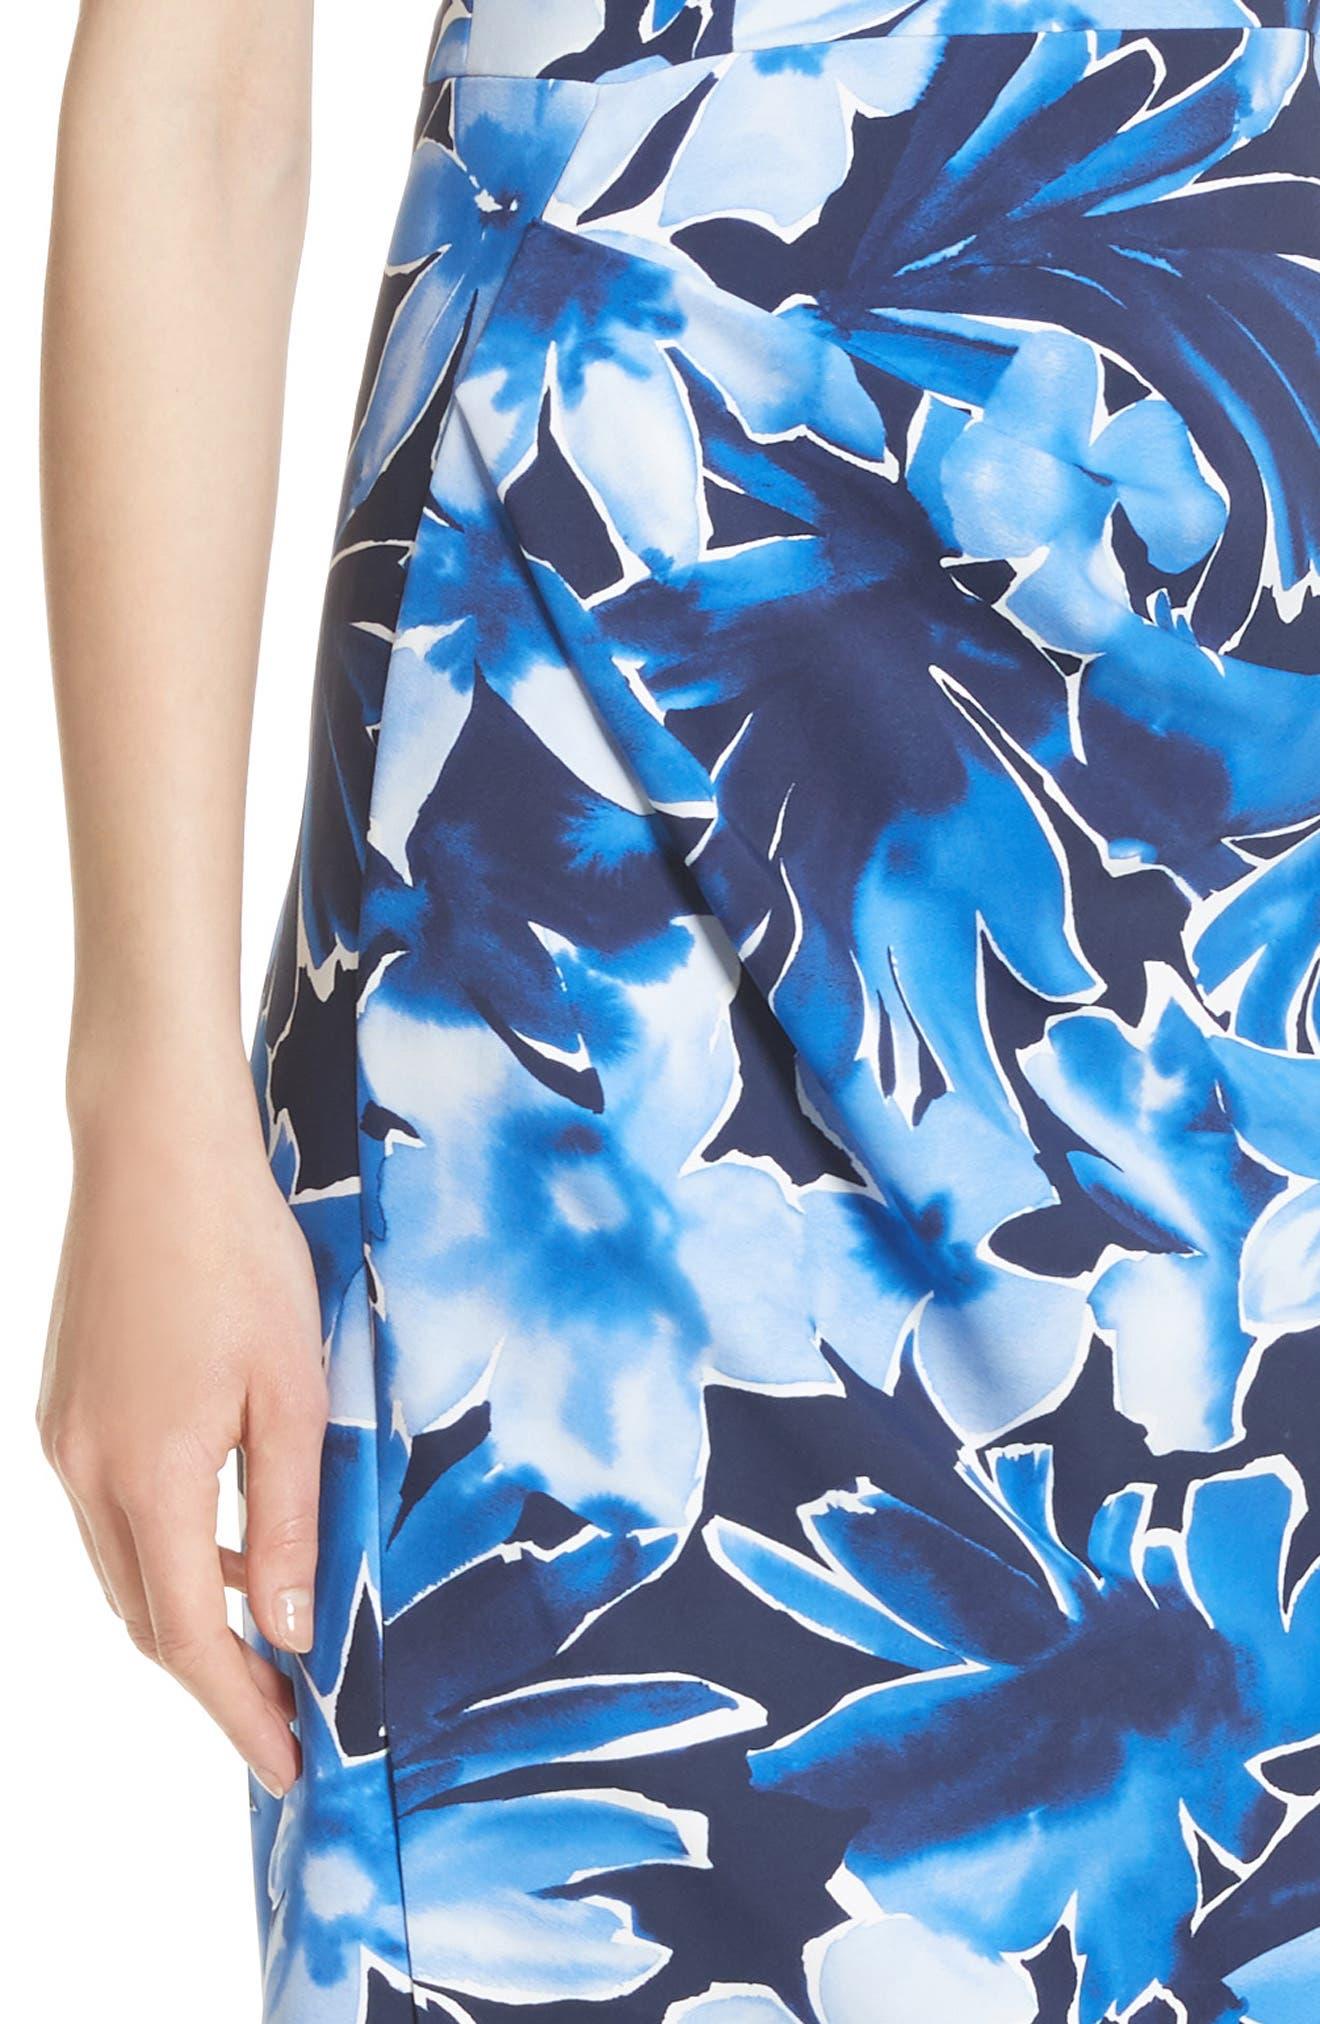 Draped Floral Print Sheath Dress,                             Alternate thumbnail 4, color,                             478